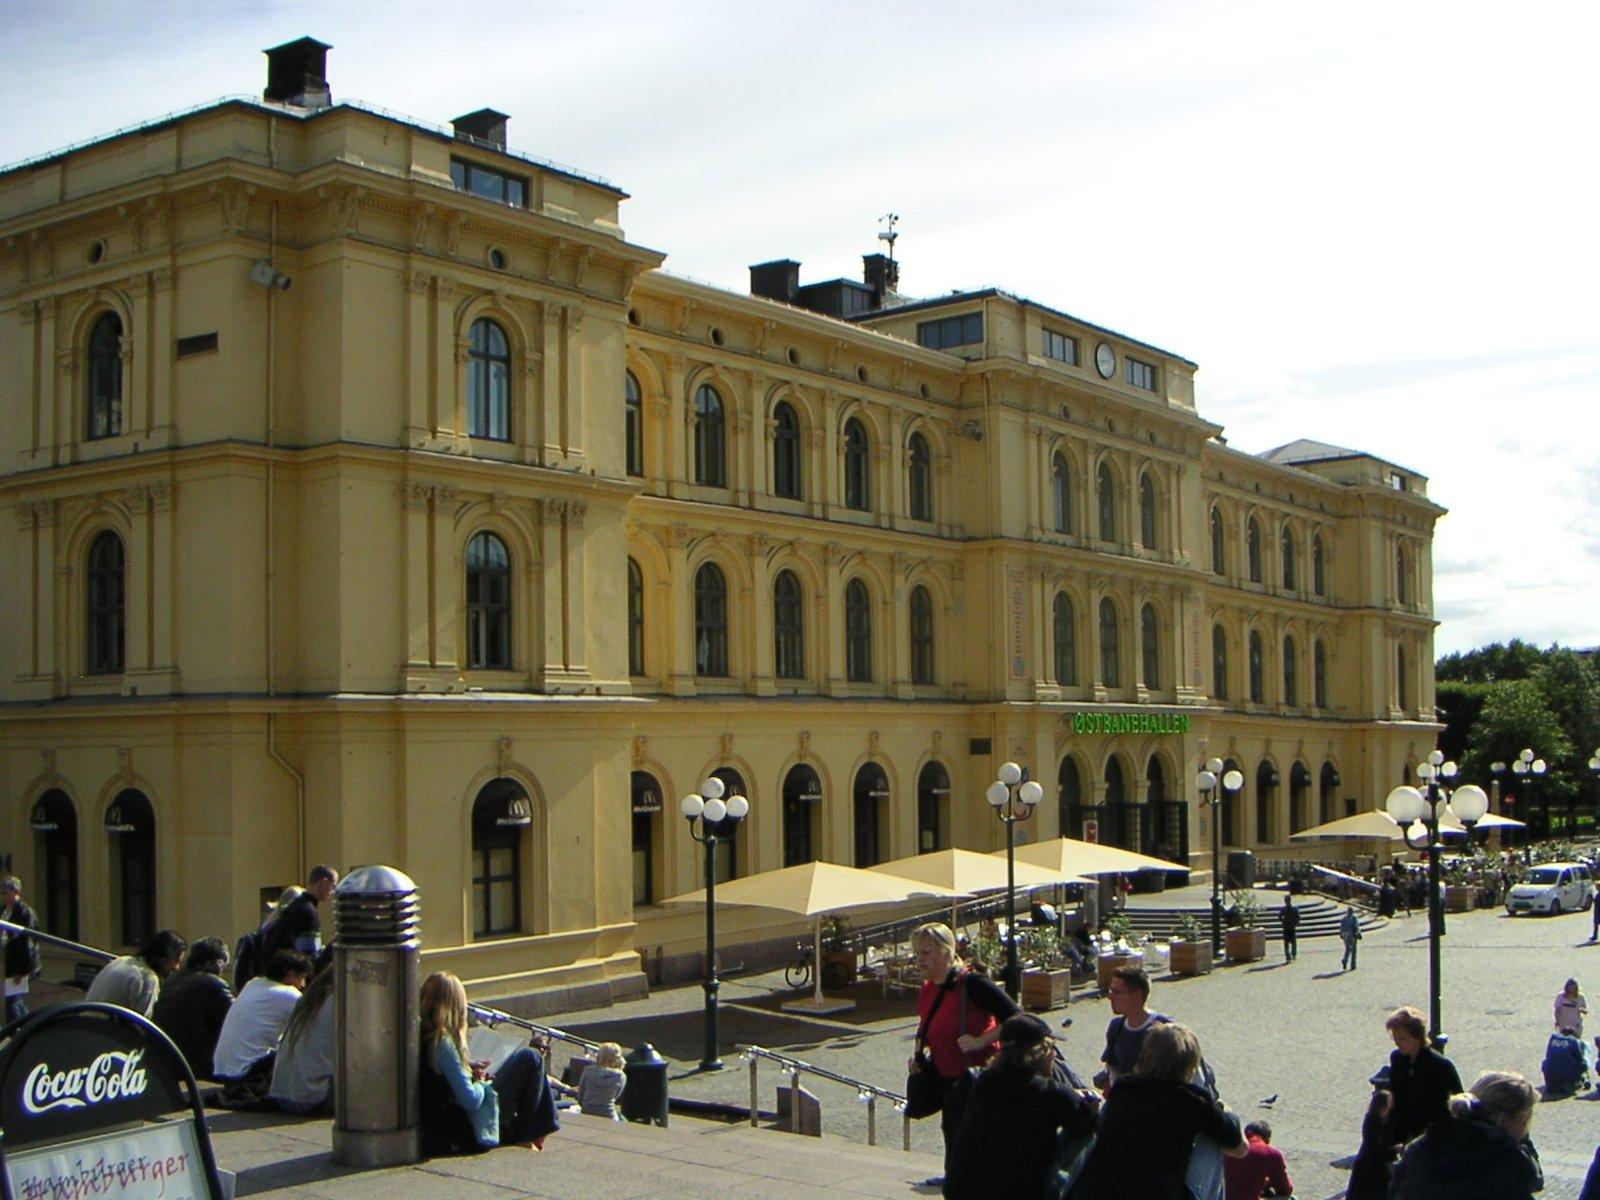 Dejting I Oslo Centralt